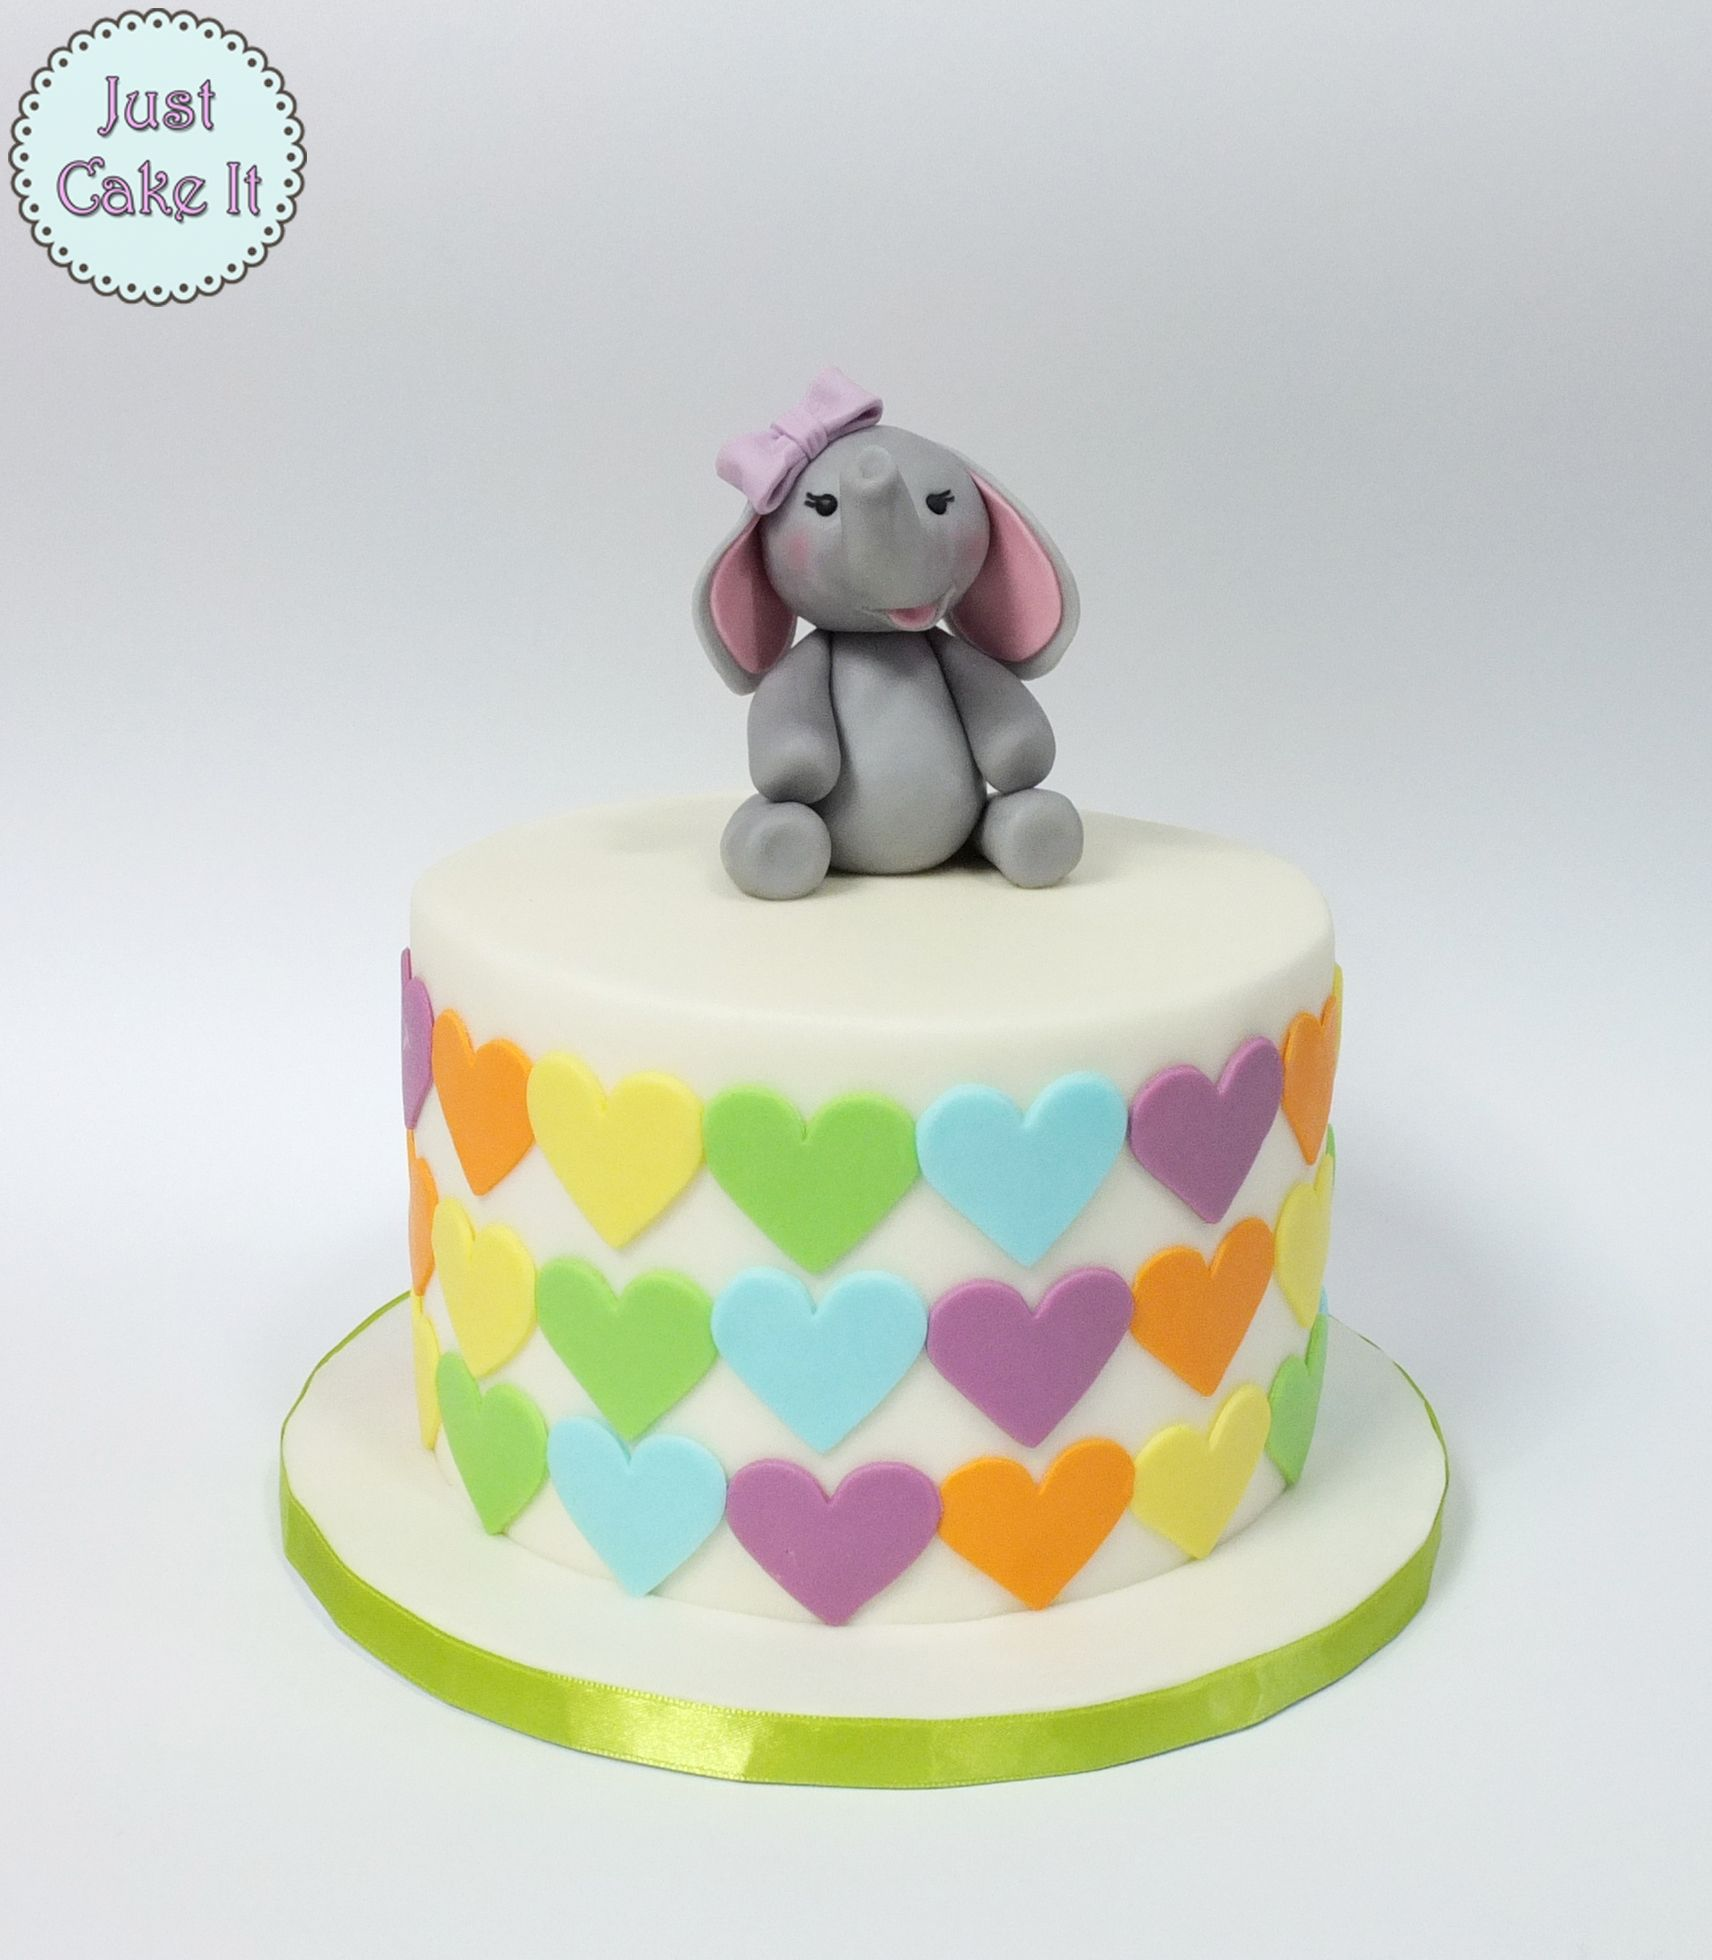 2019 year style- 28 elephant images birthday cake